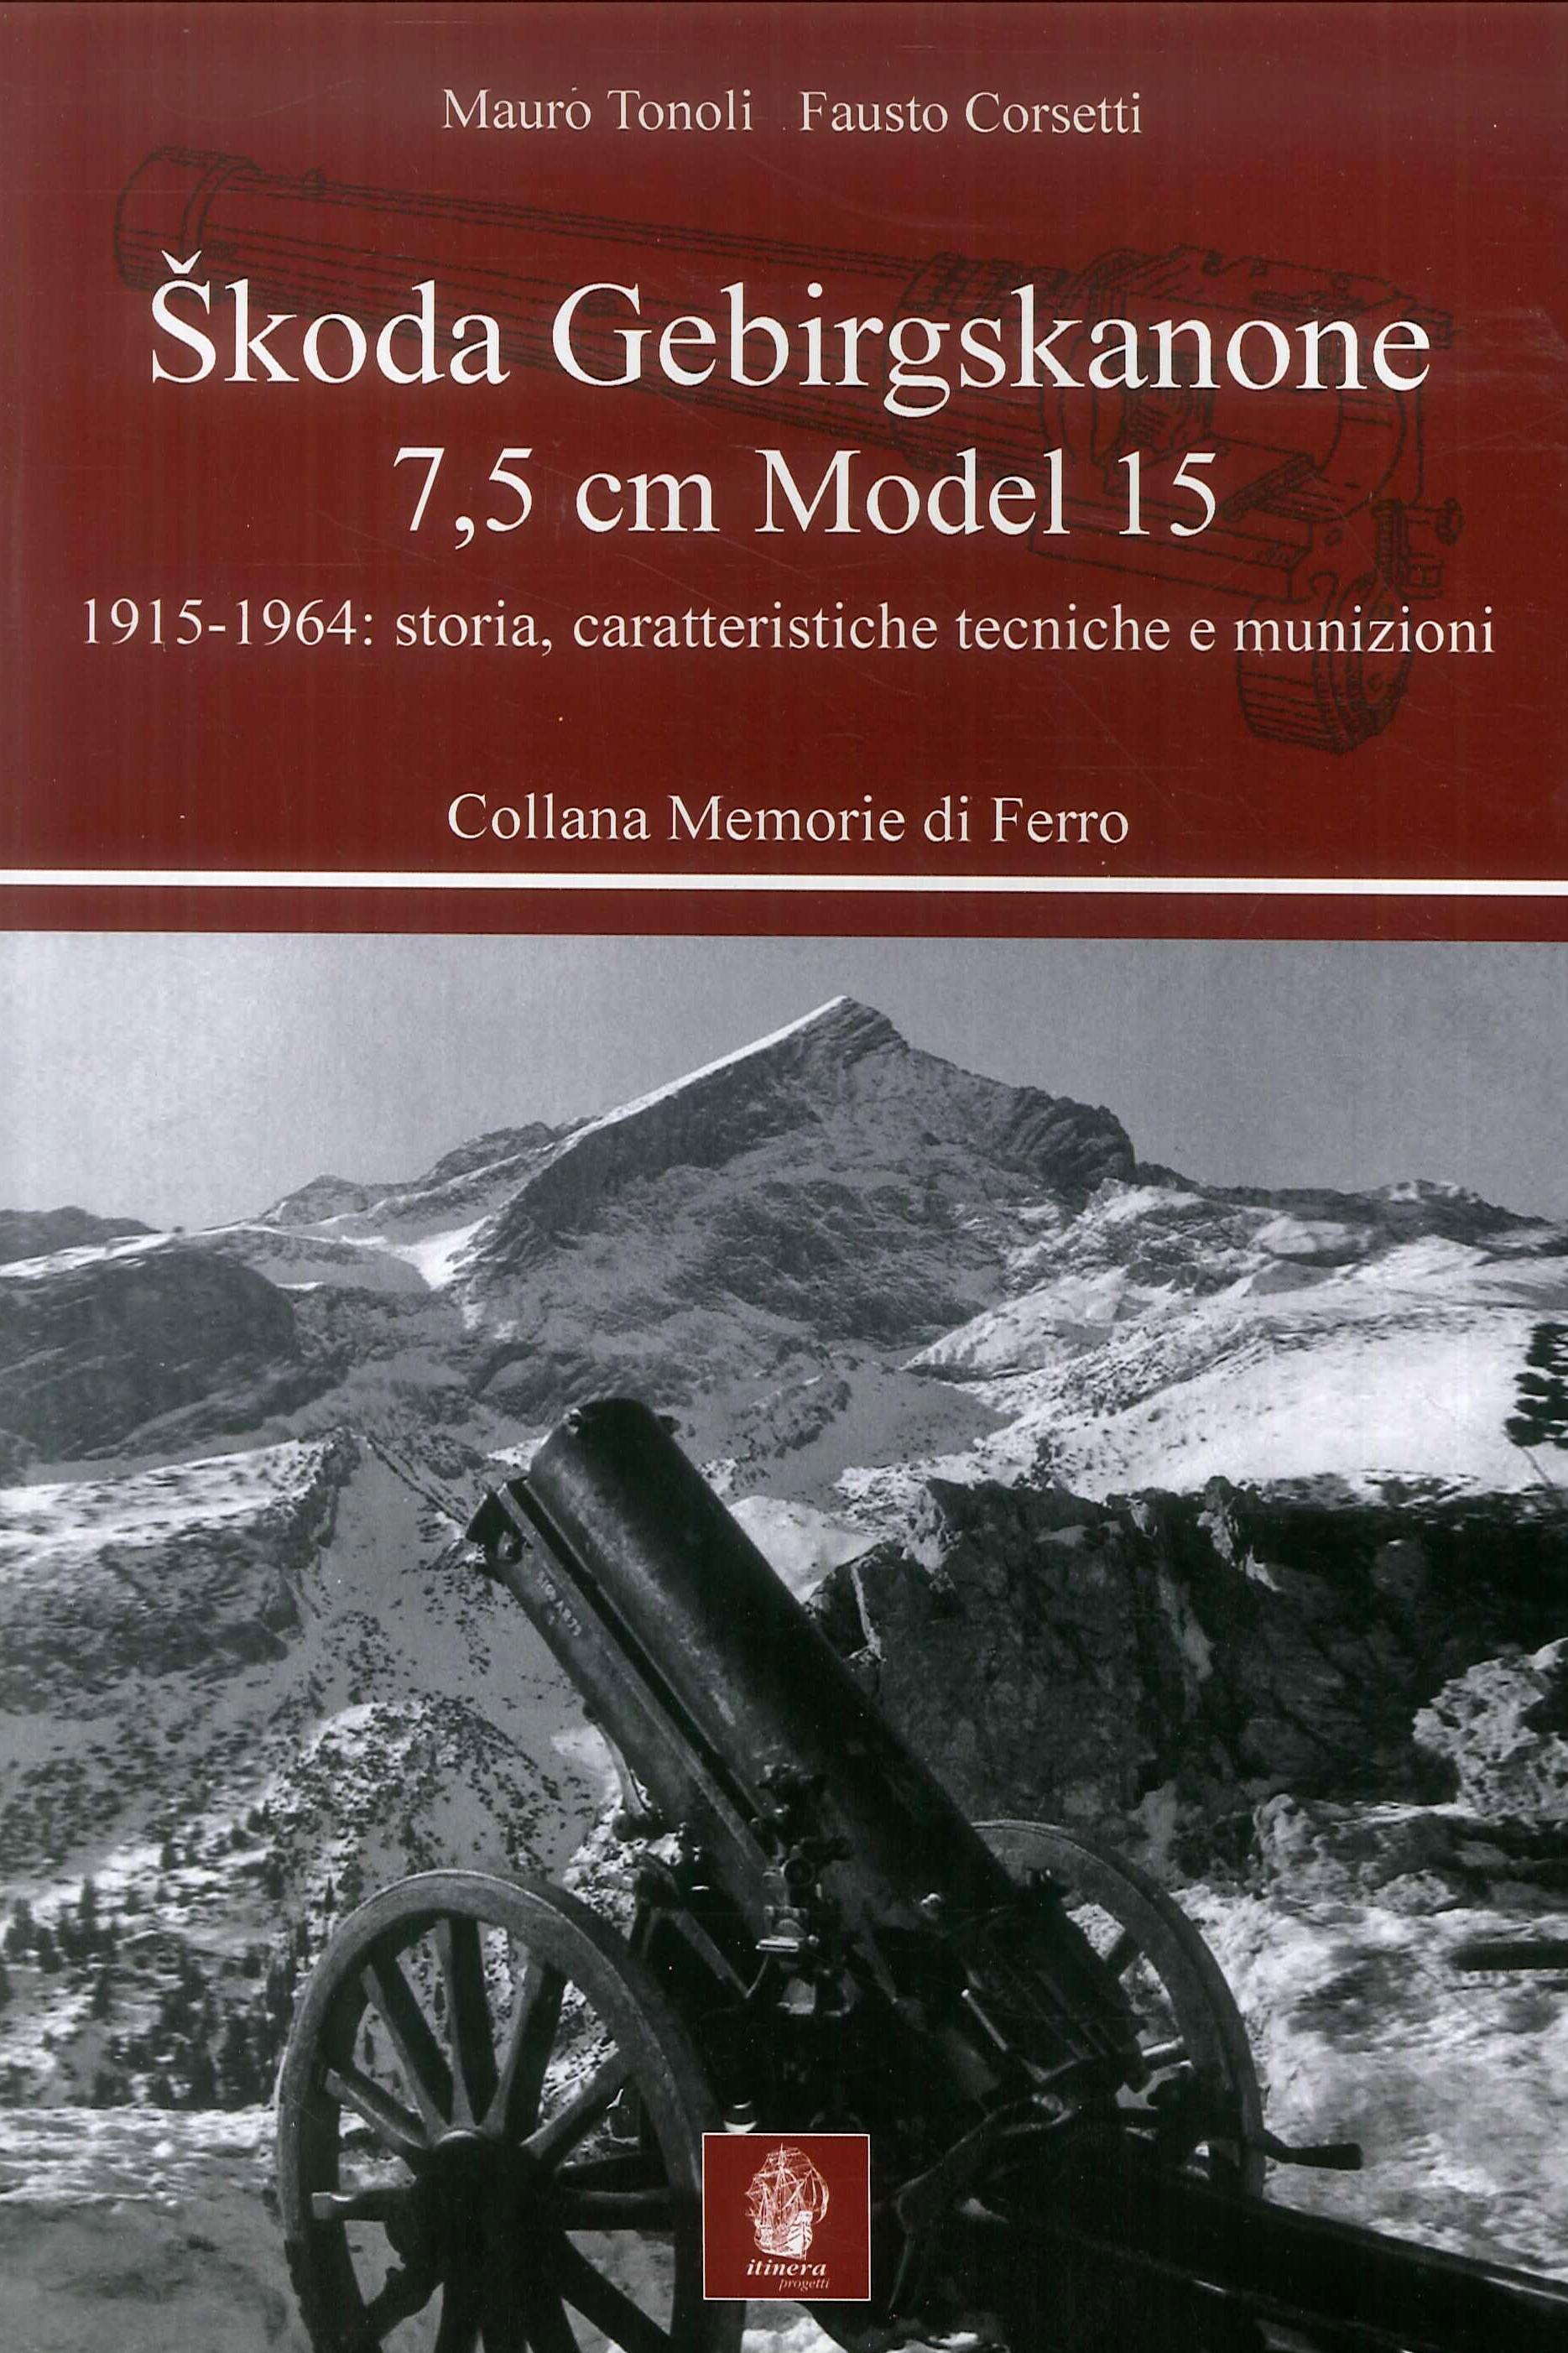 Skoda Gebirgskanone 7,5 cm model 15. Storia, caratteristiche tecniche e funzionamento